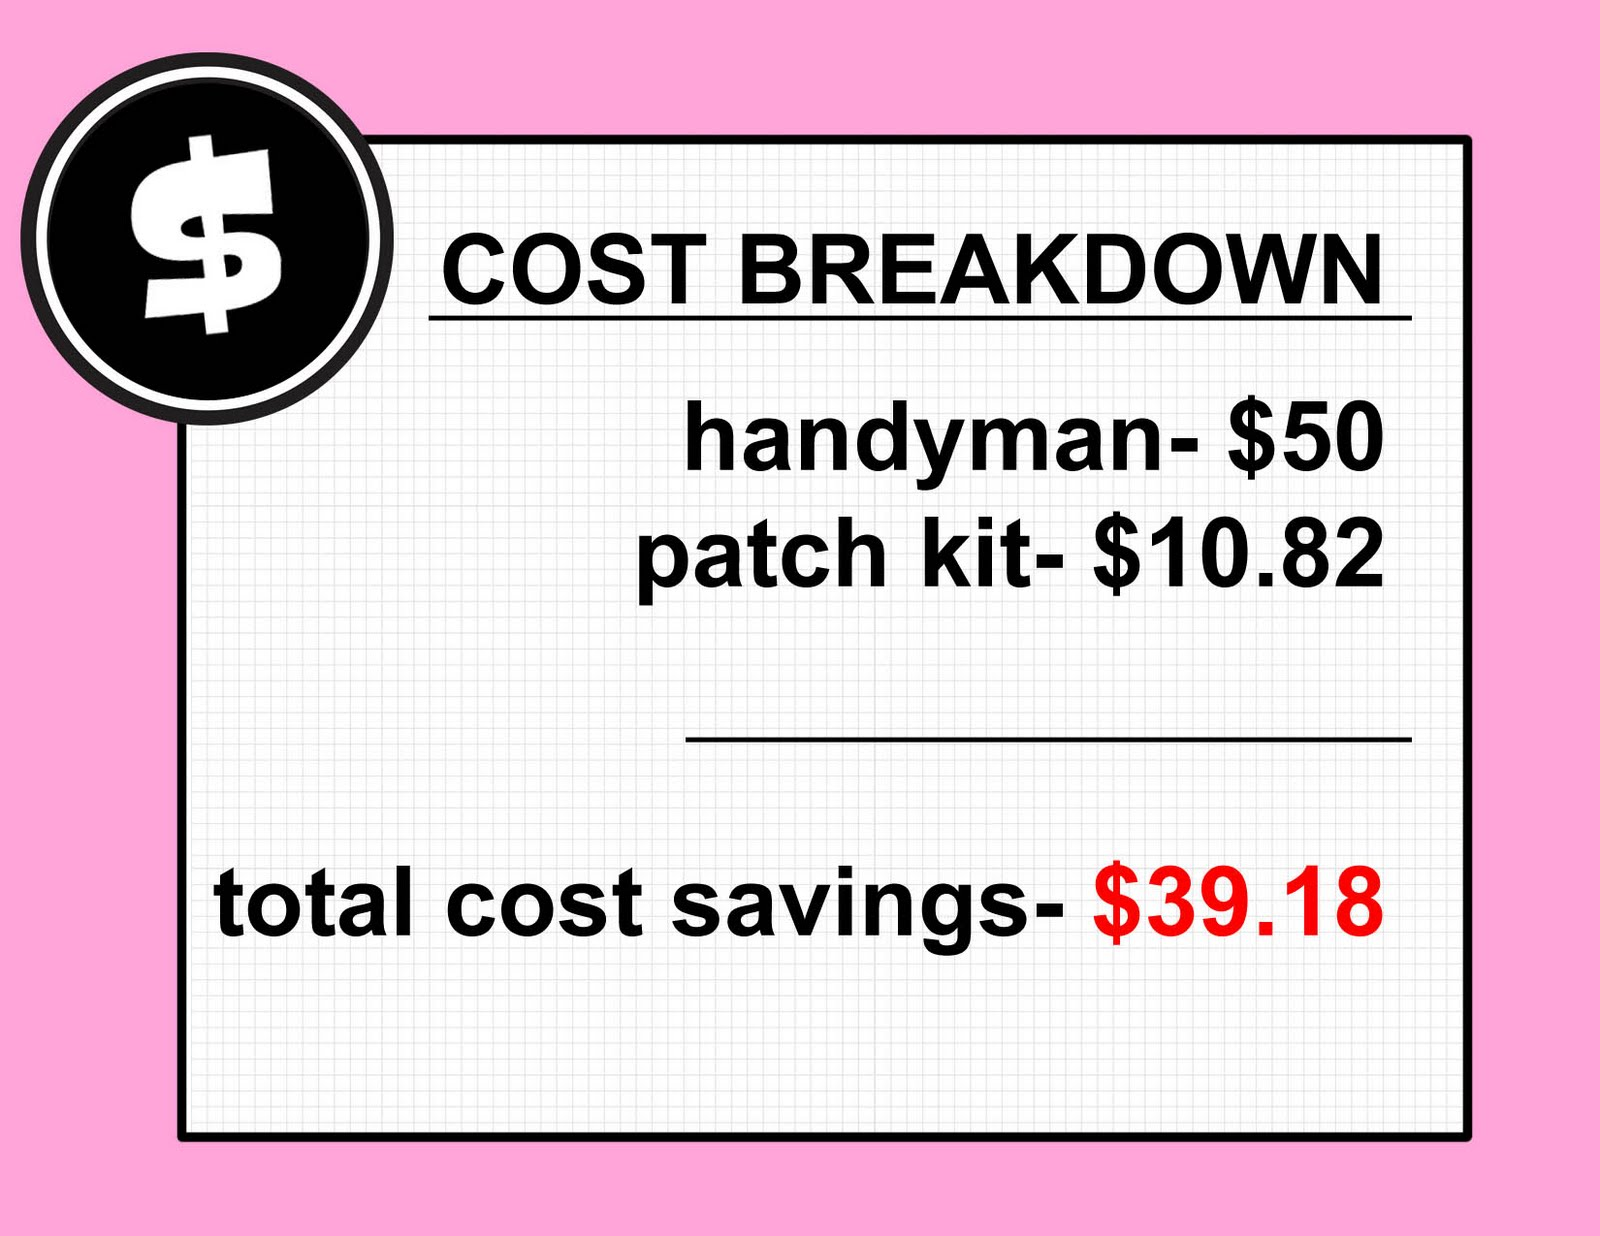 http://2.bp.blogspot.com/-LeWmwyDqyzE/Ta2qwVmp9UI/AAAAAAAAAFE/hTPLve72D1c/s1600/cost+savings.jpg